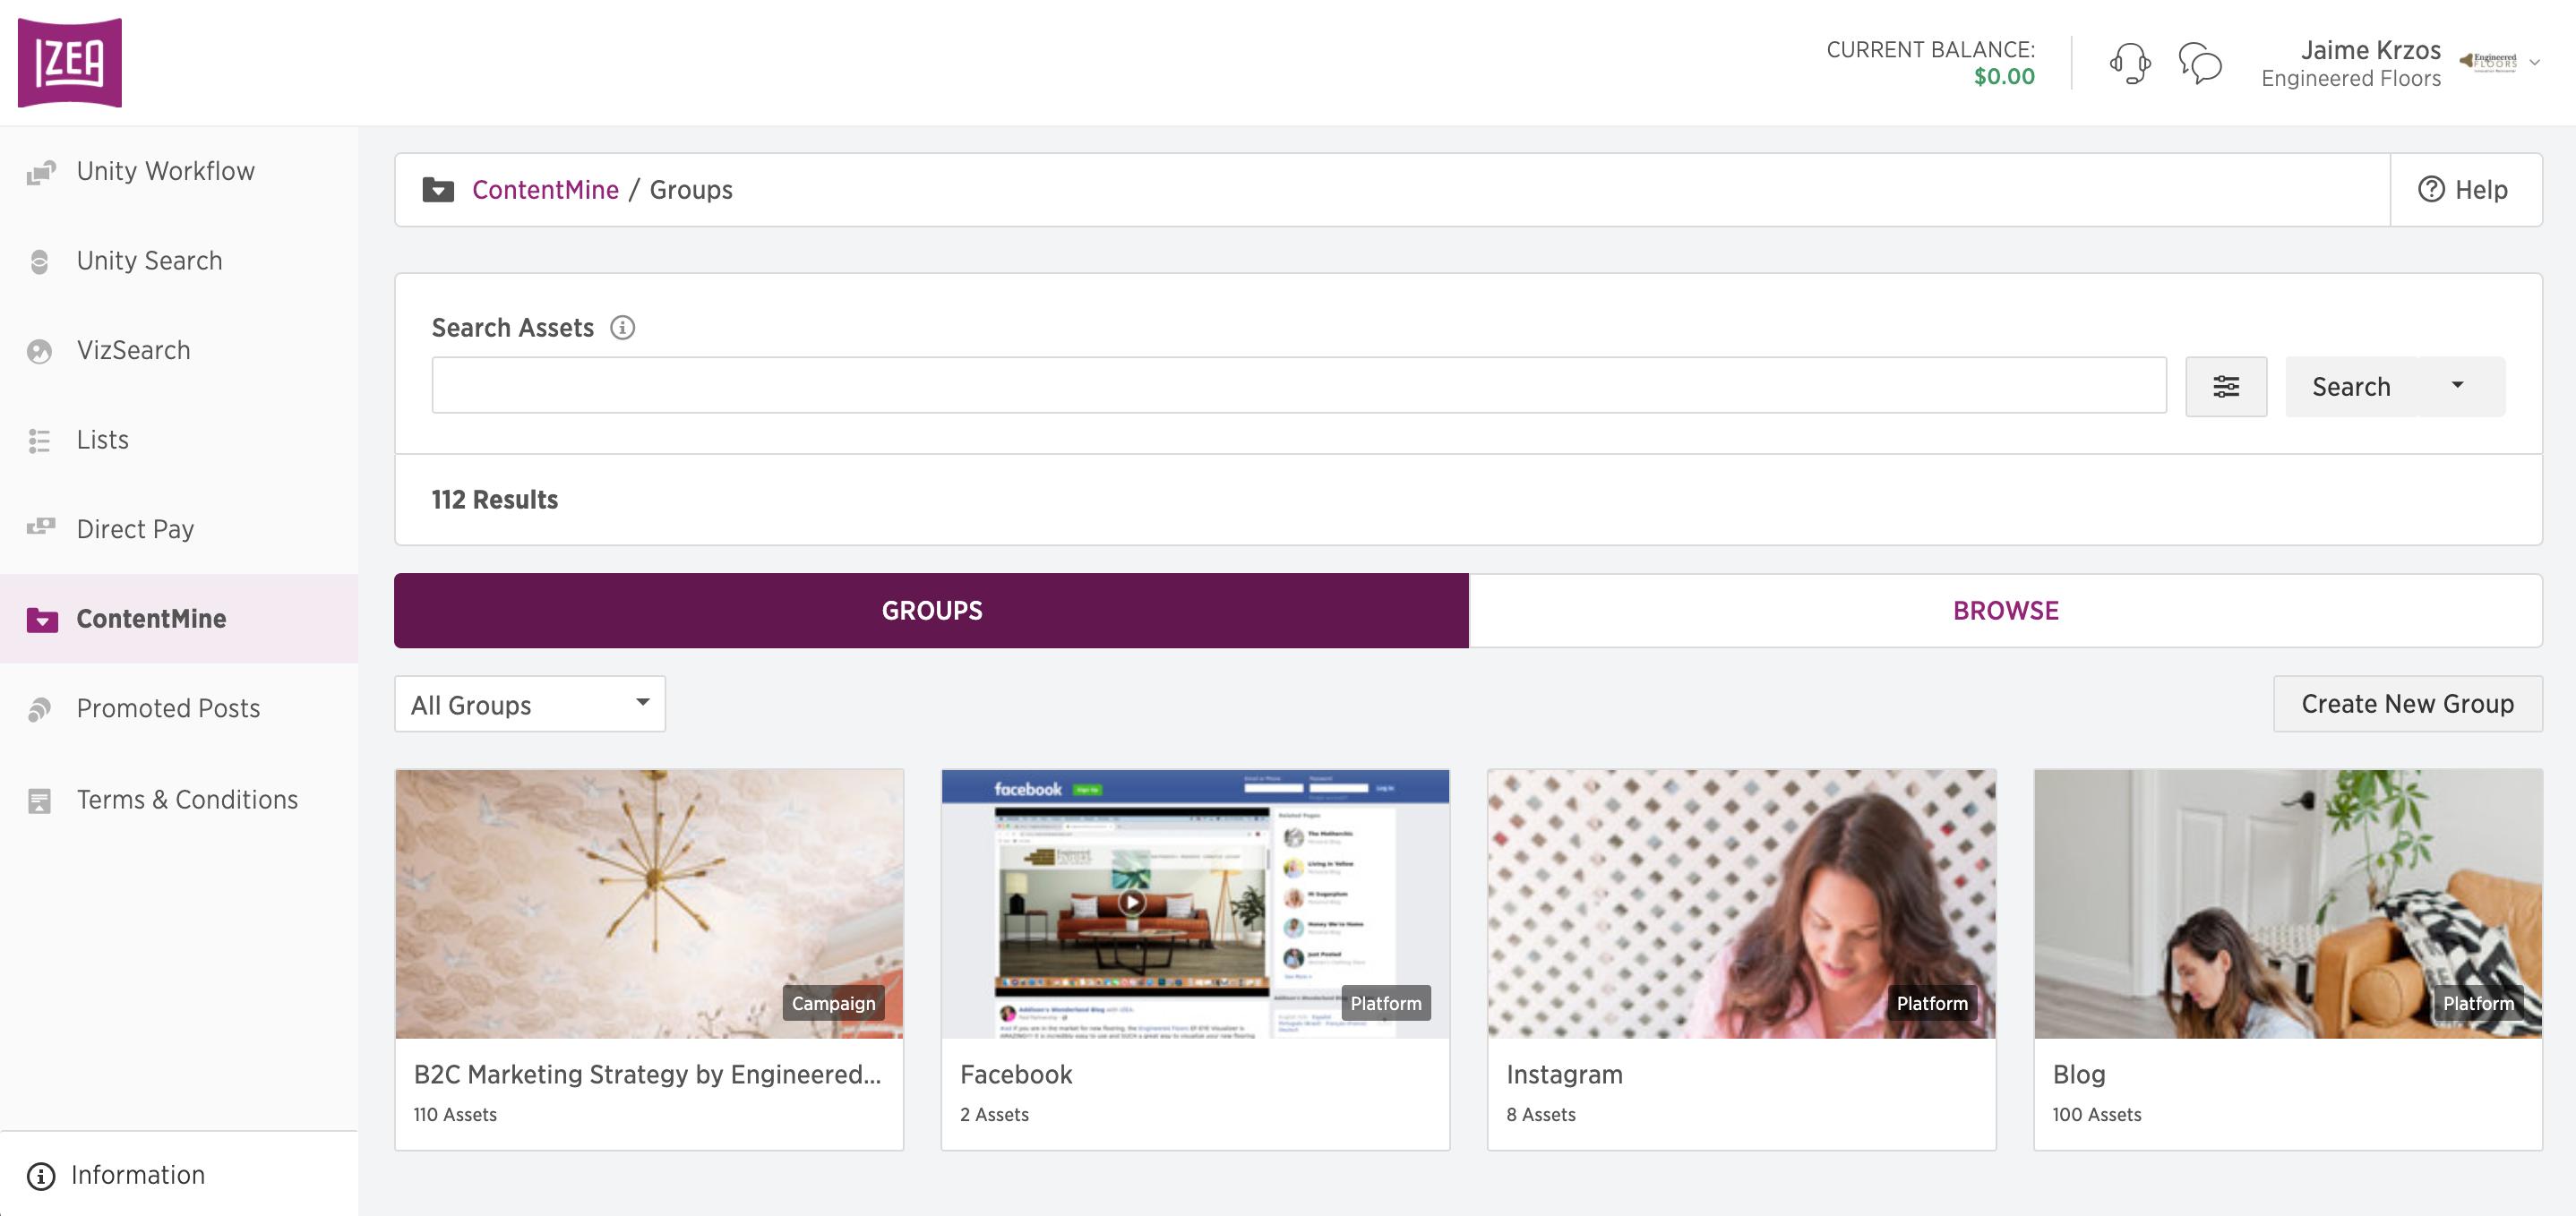 Screenshot of ContentMine, a feature in the IZEAx platform.